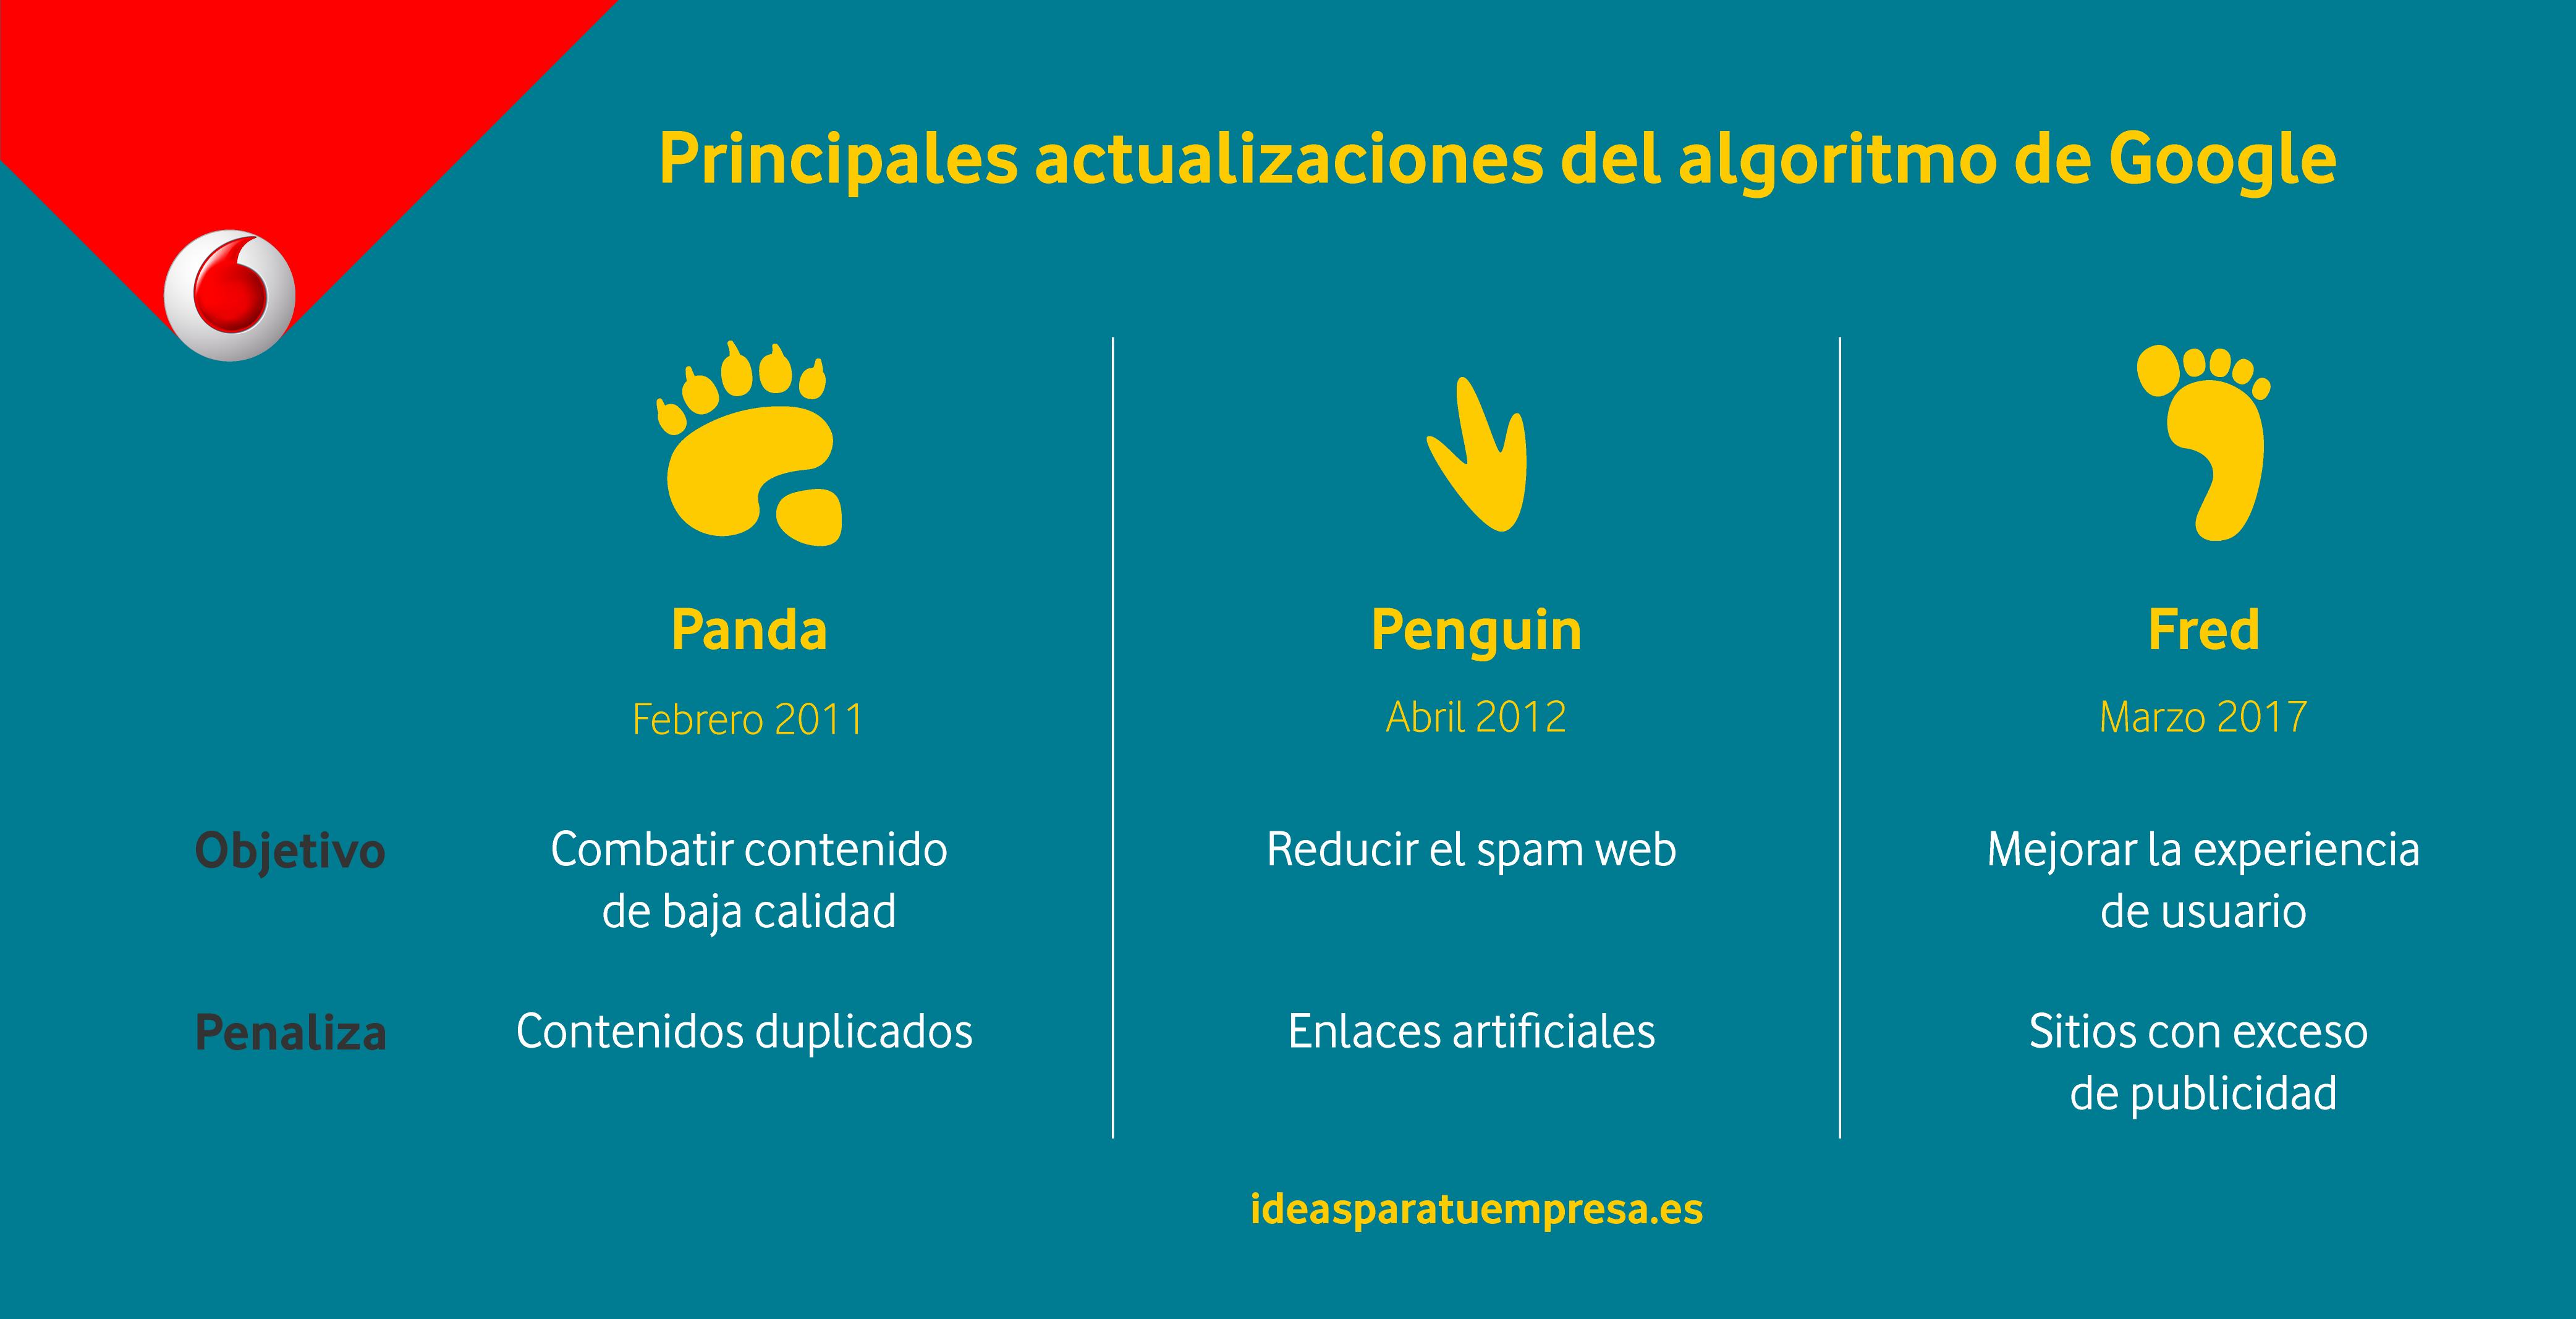 Principales actualizaciones del algoritmo de Google